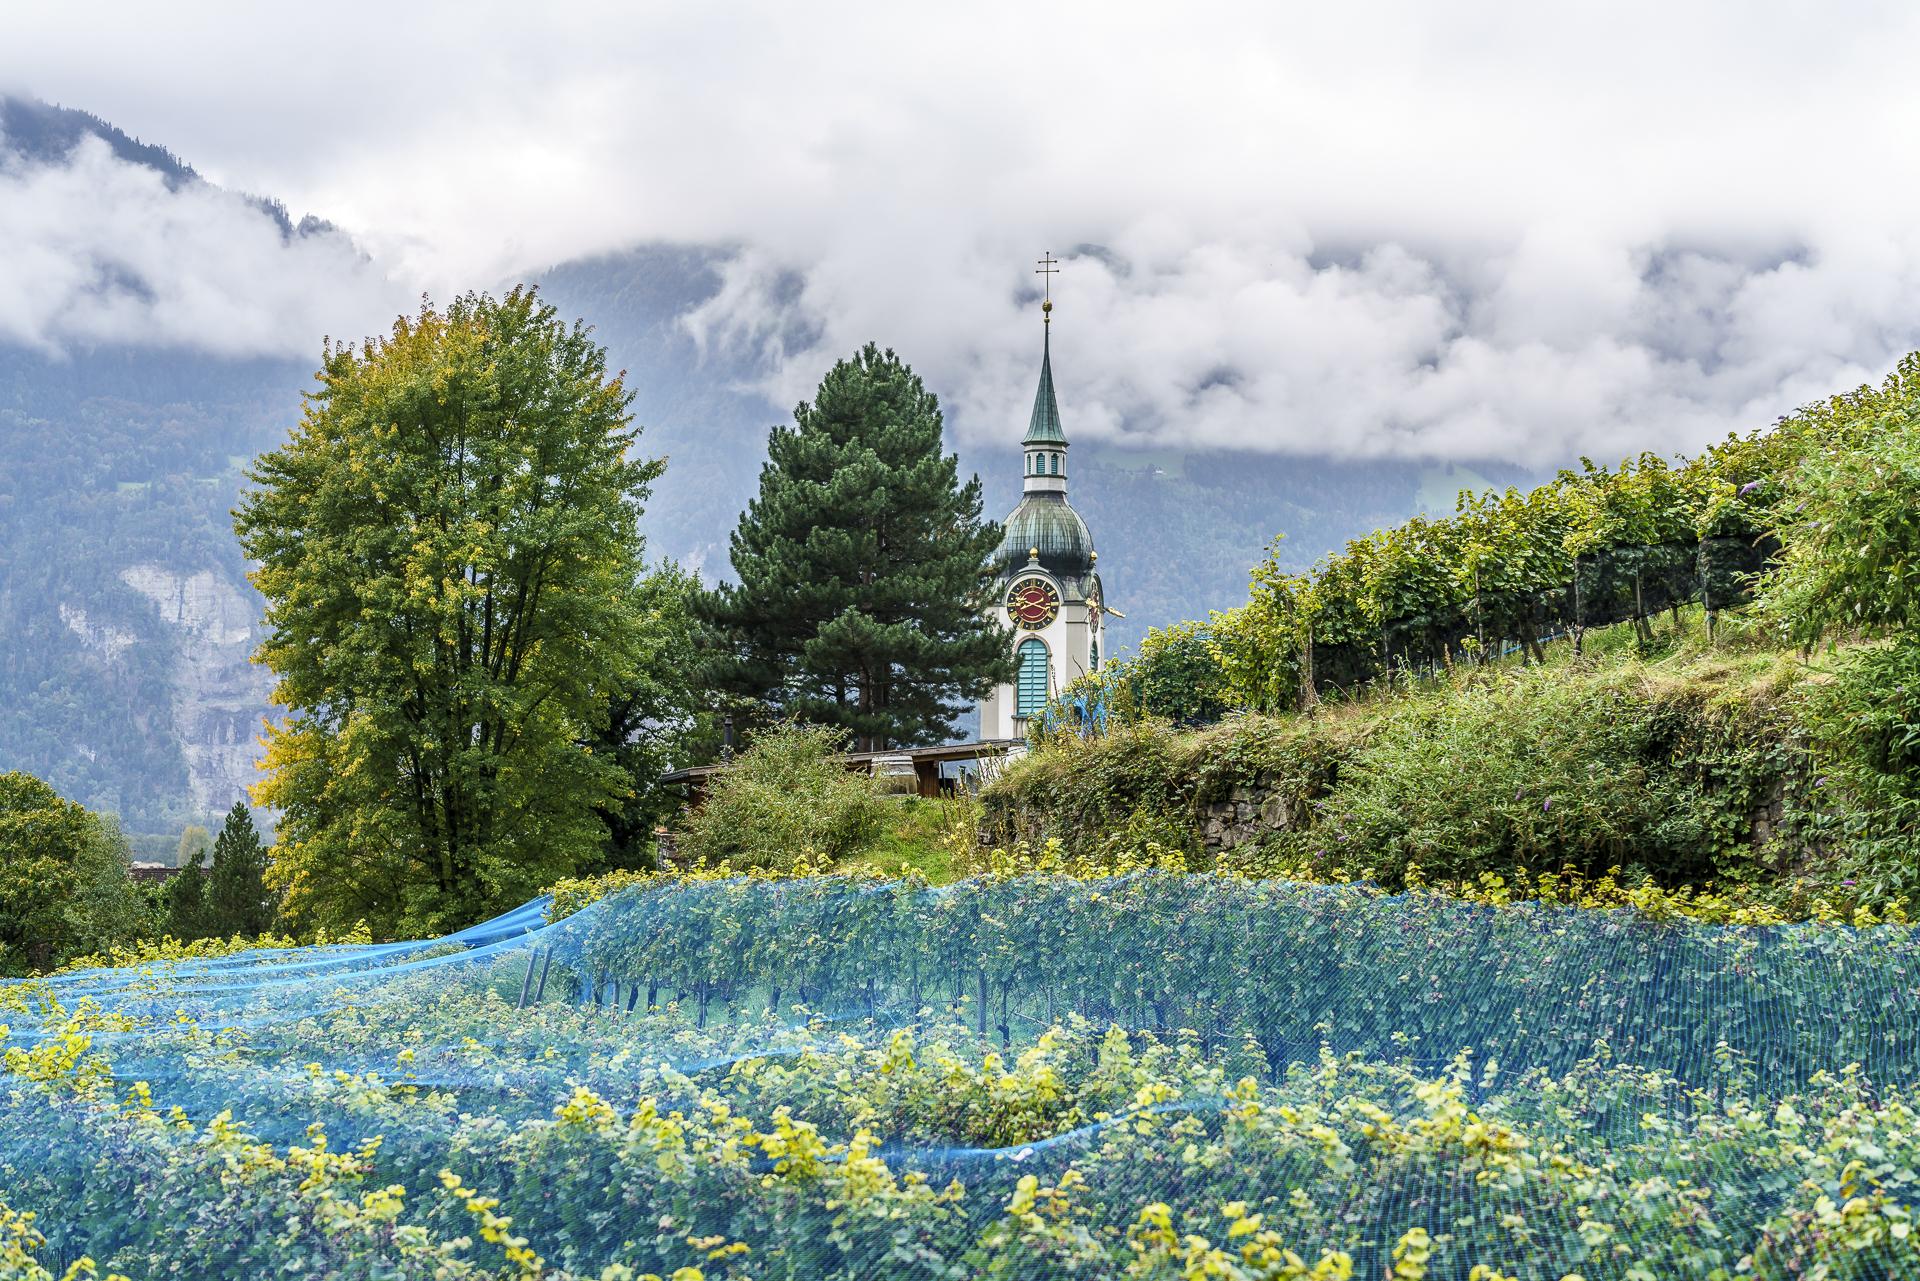 aussicht-kapuzinerkloster-altdorf